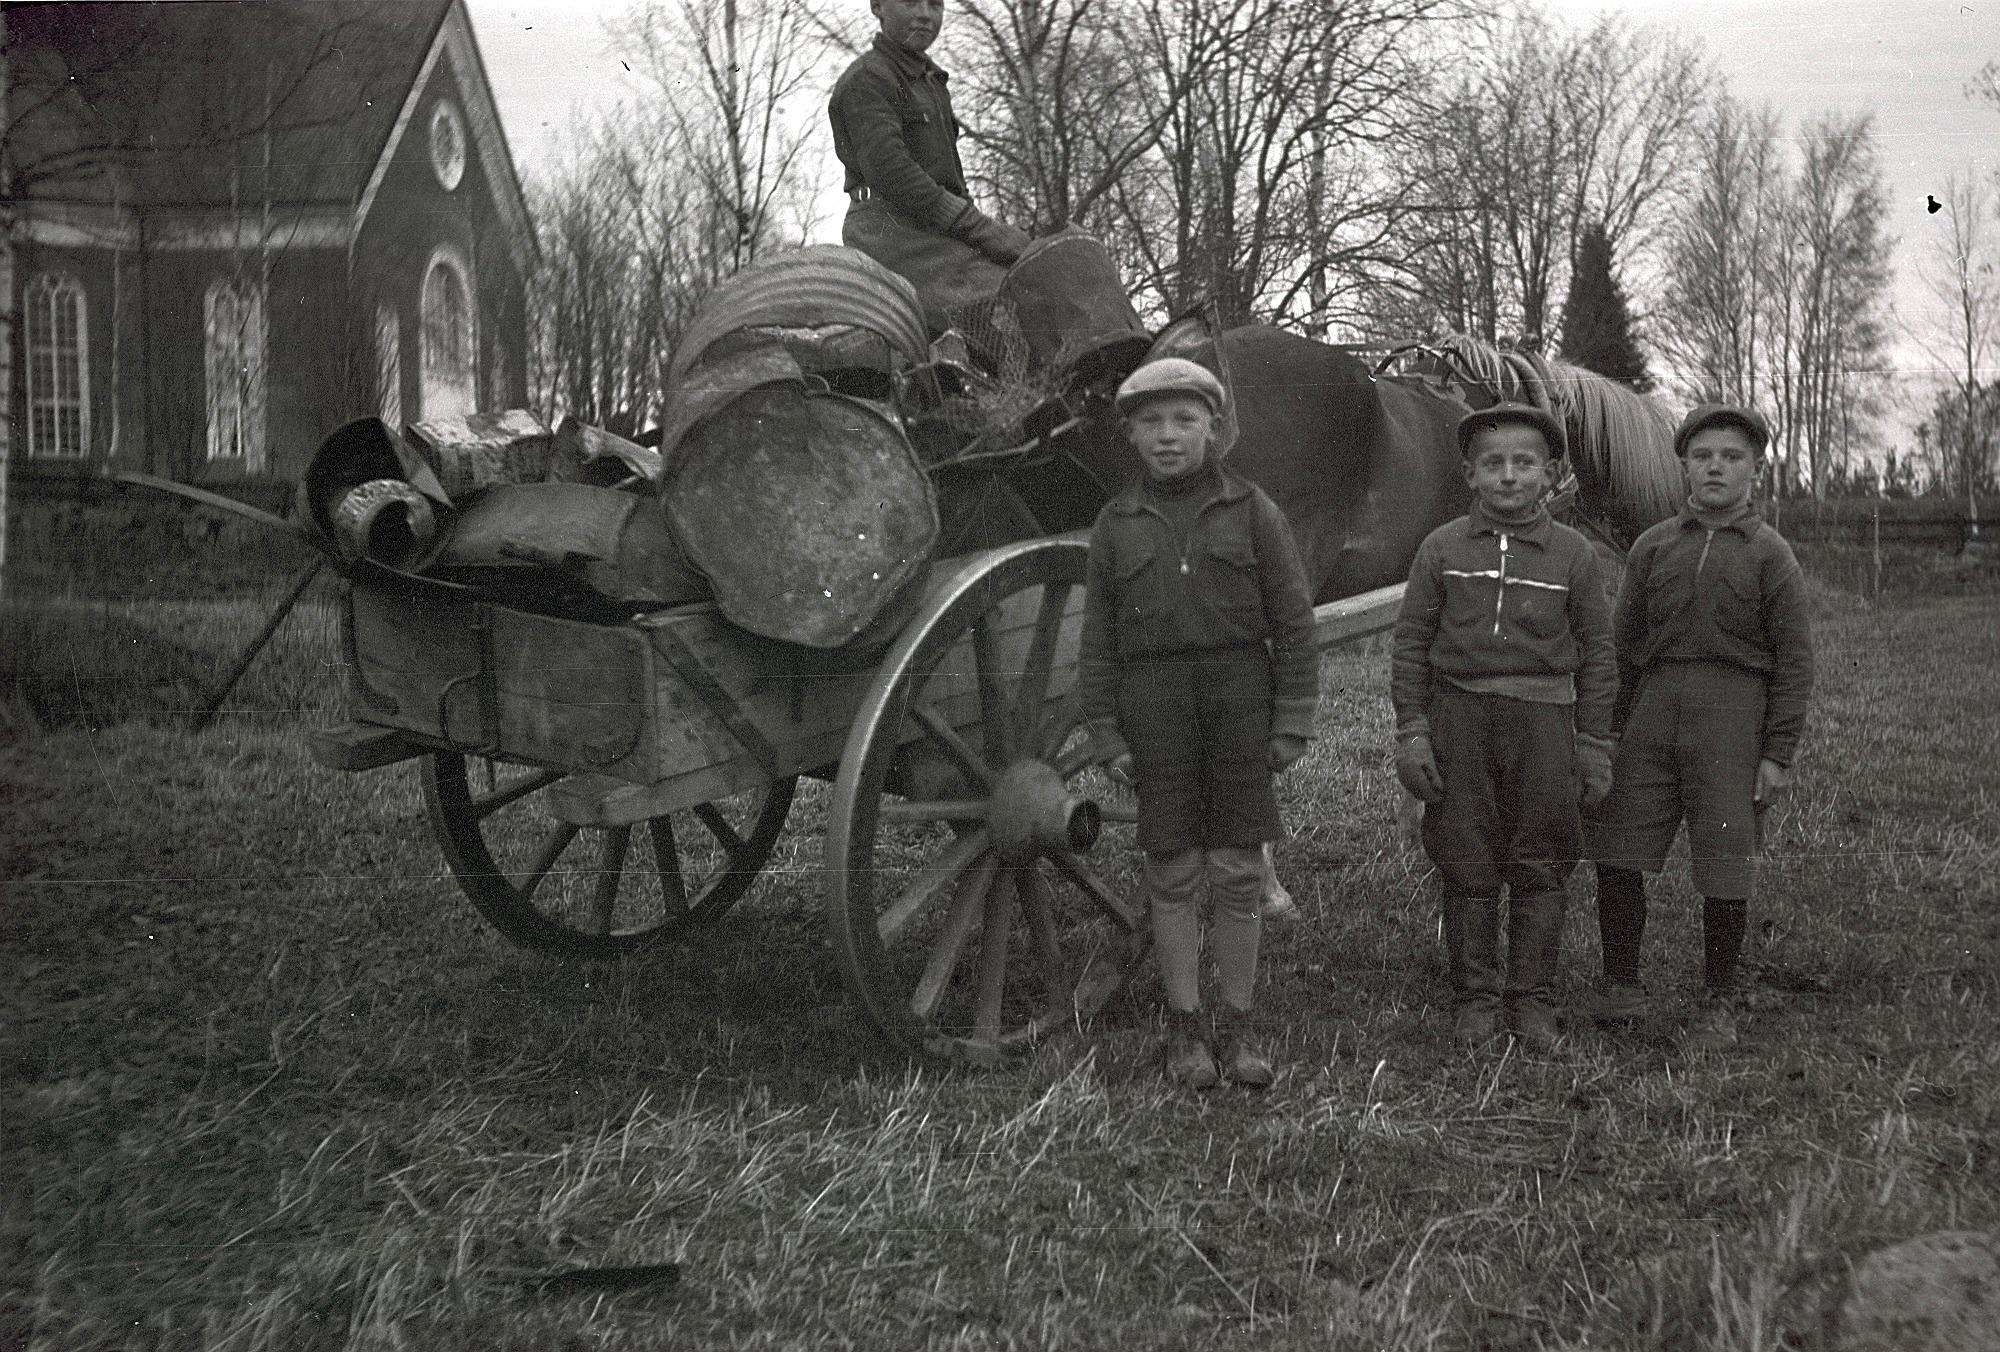 Under krigsåren samlades gummi, glas och metallskrot och här står 3 stolta pojkar som med häst levererar de insamlade metallerna. Från vänster Bengt Engelholm, Harald Marttila och Mikael Björses. Personen på kärran är oidentifierad.